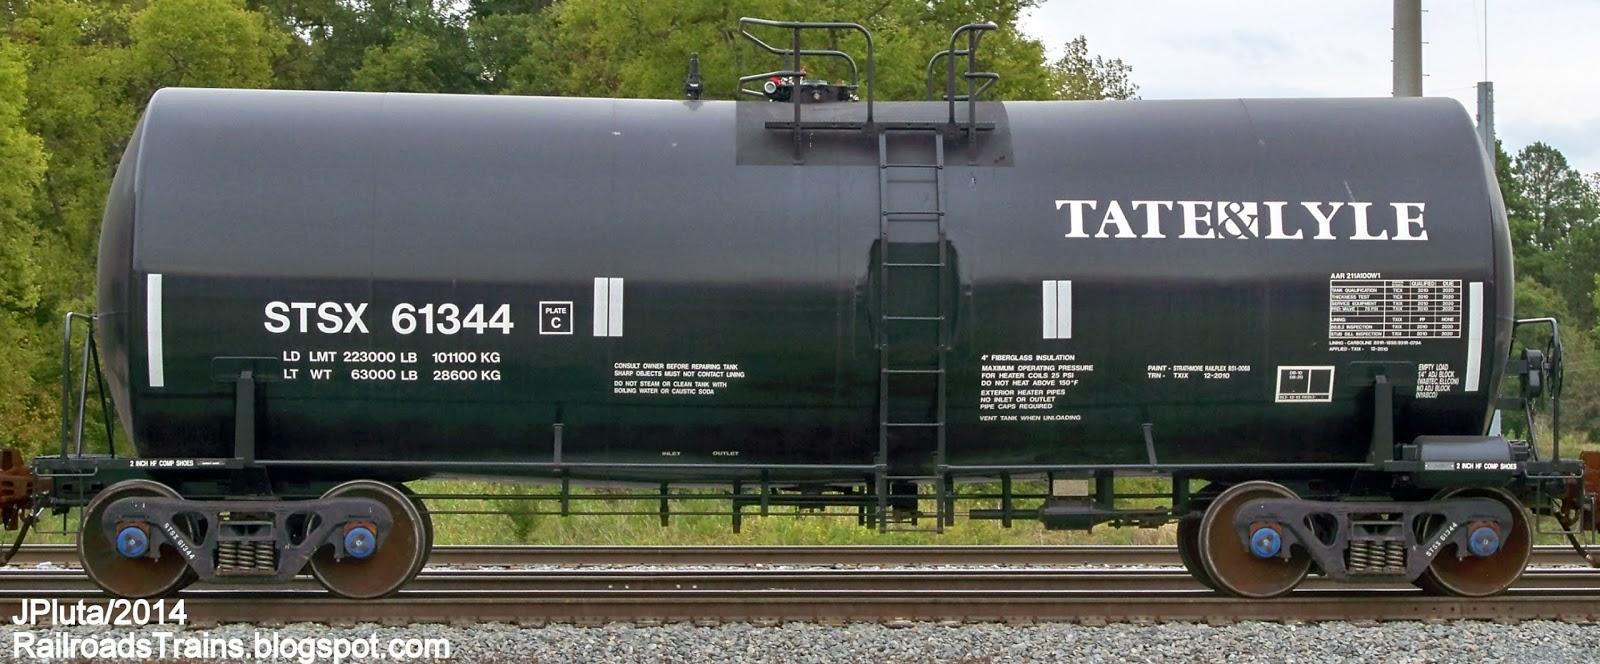 Railroad Freight Train Locomotive Engine Emd Ge Boxcar Bnsf Csx